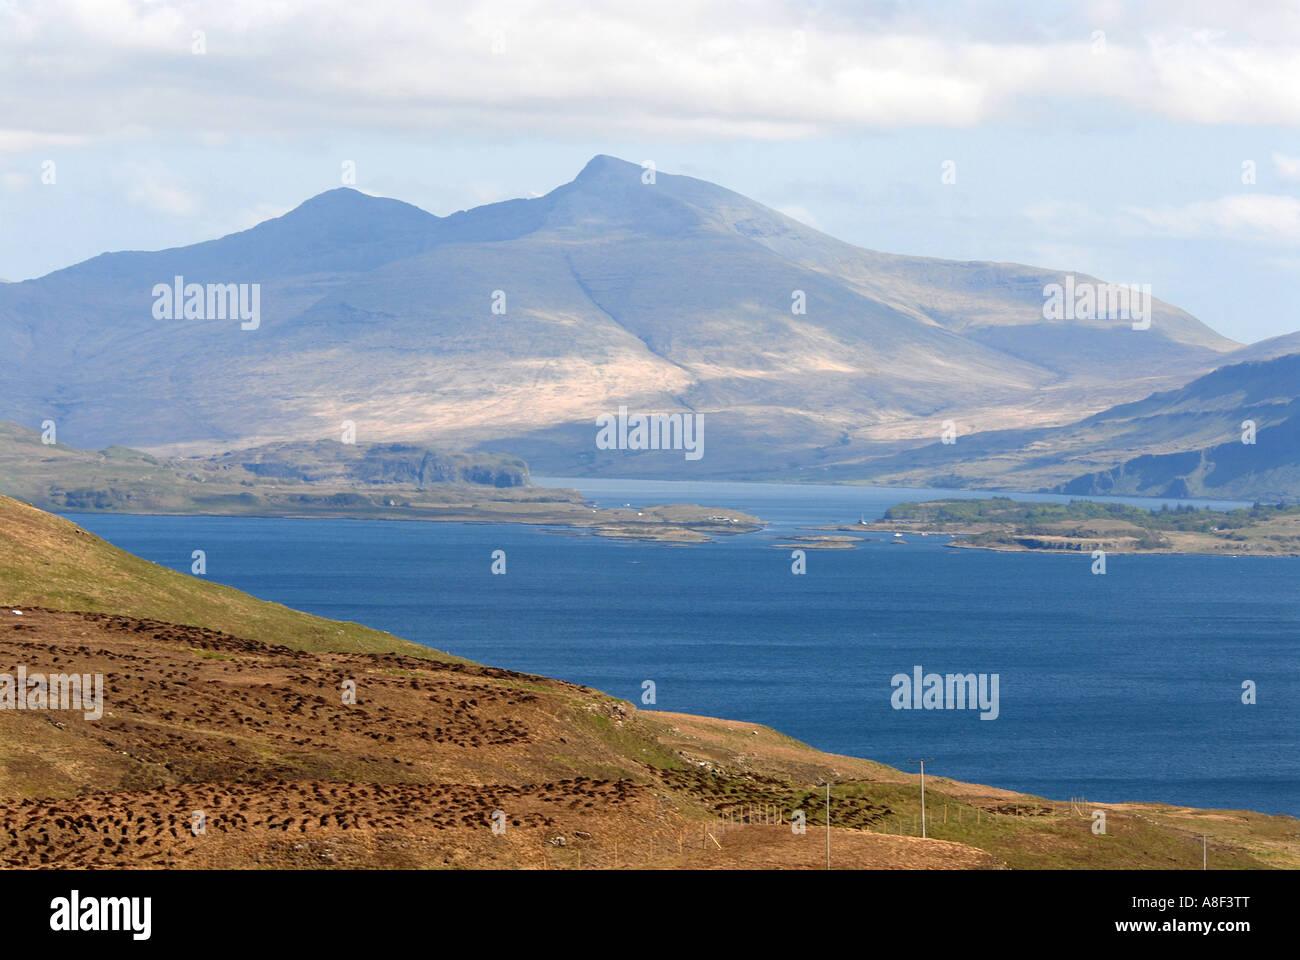 Ben Plus de la plus haute montagne sur l'île de Mull à 966 mètres et le Loch Tuath. Photo Stock